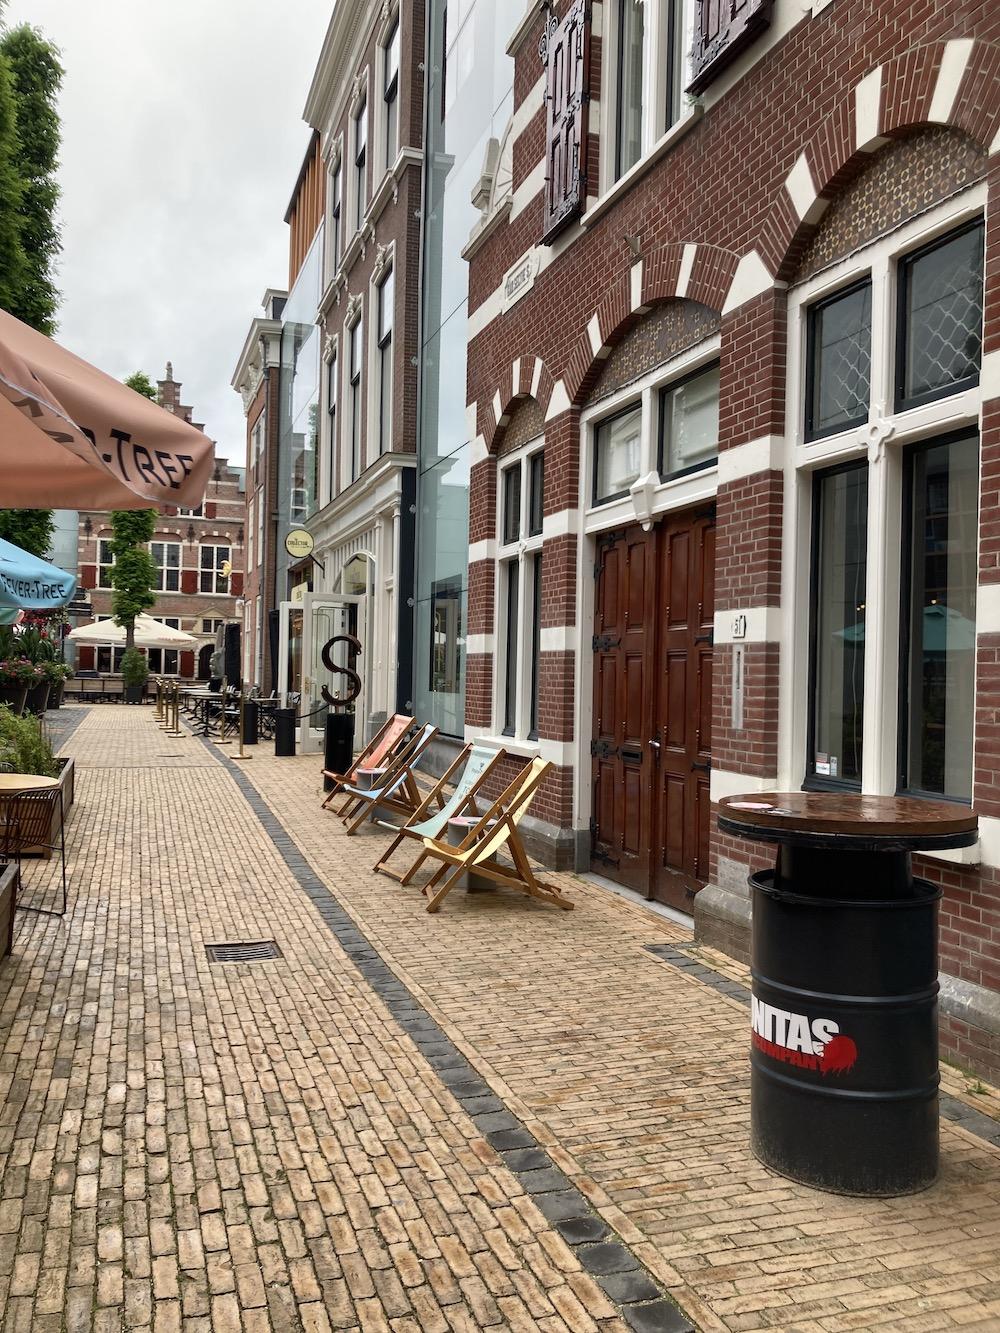 Foodhallen straatje in Den Haag